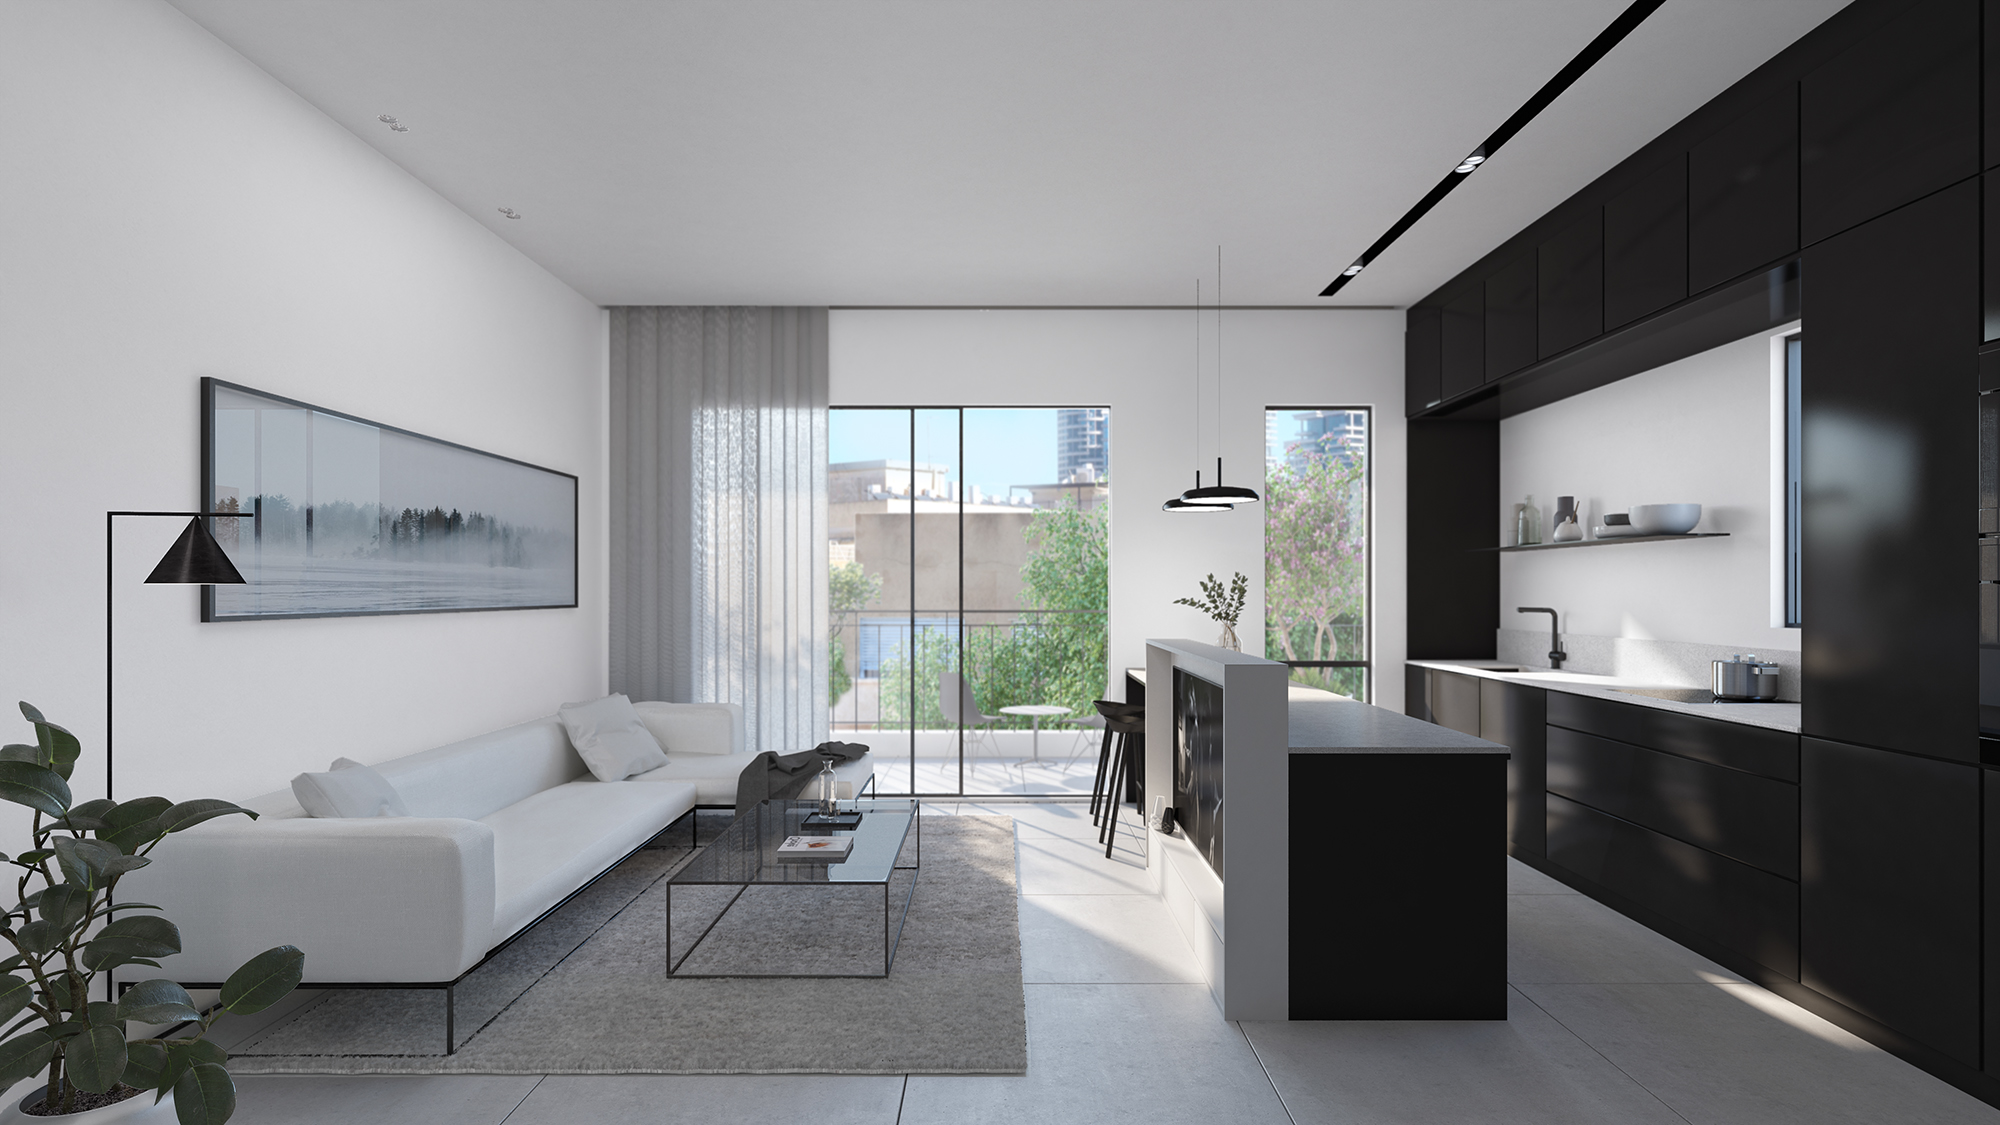 The polaroid apartment